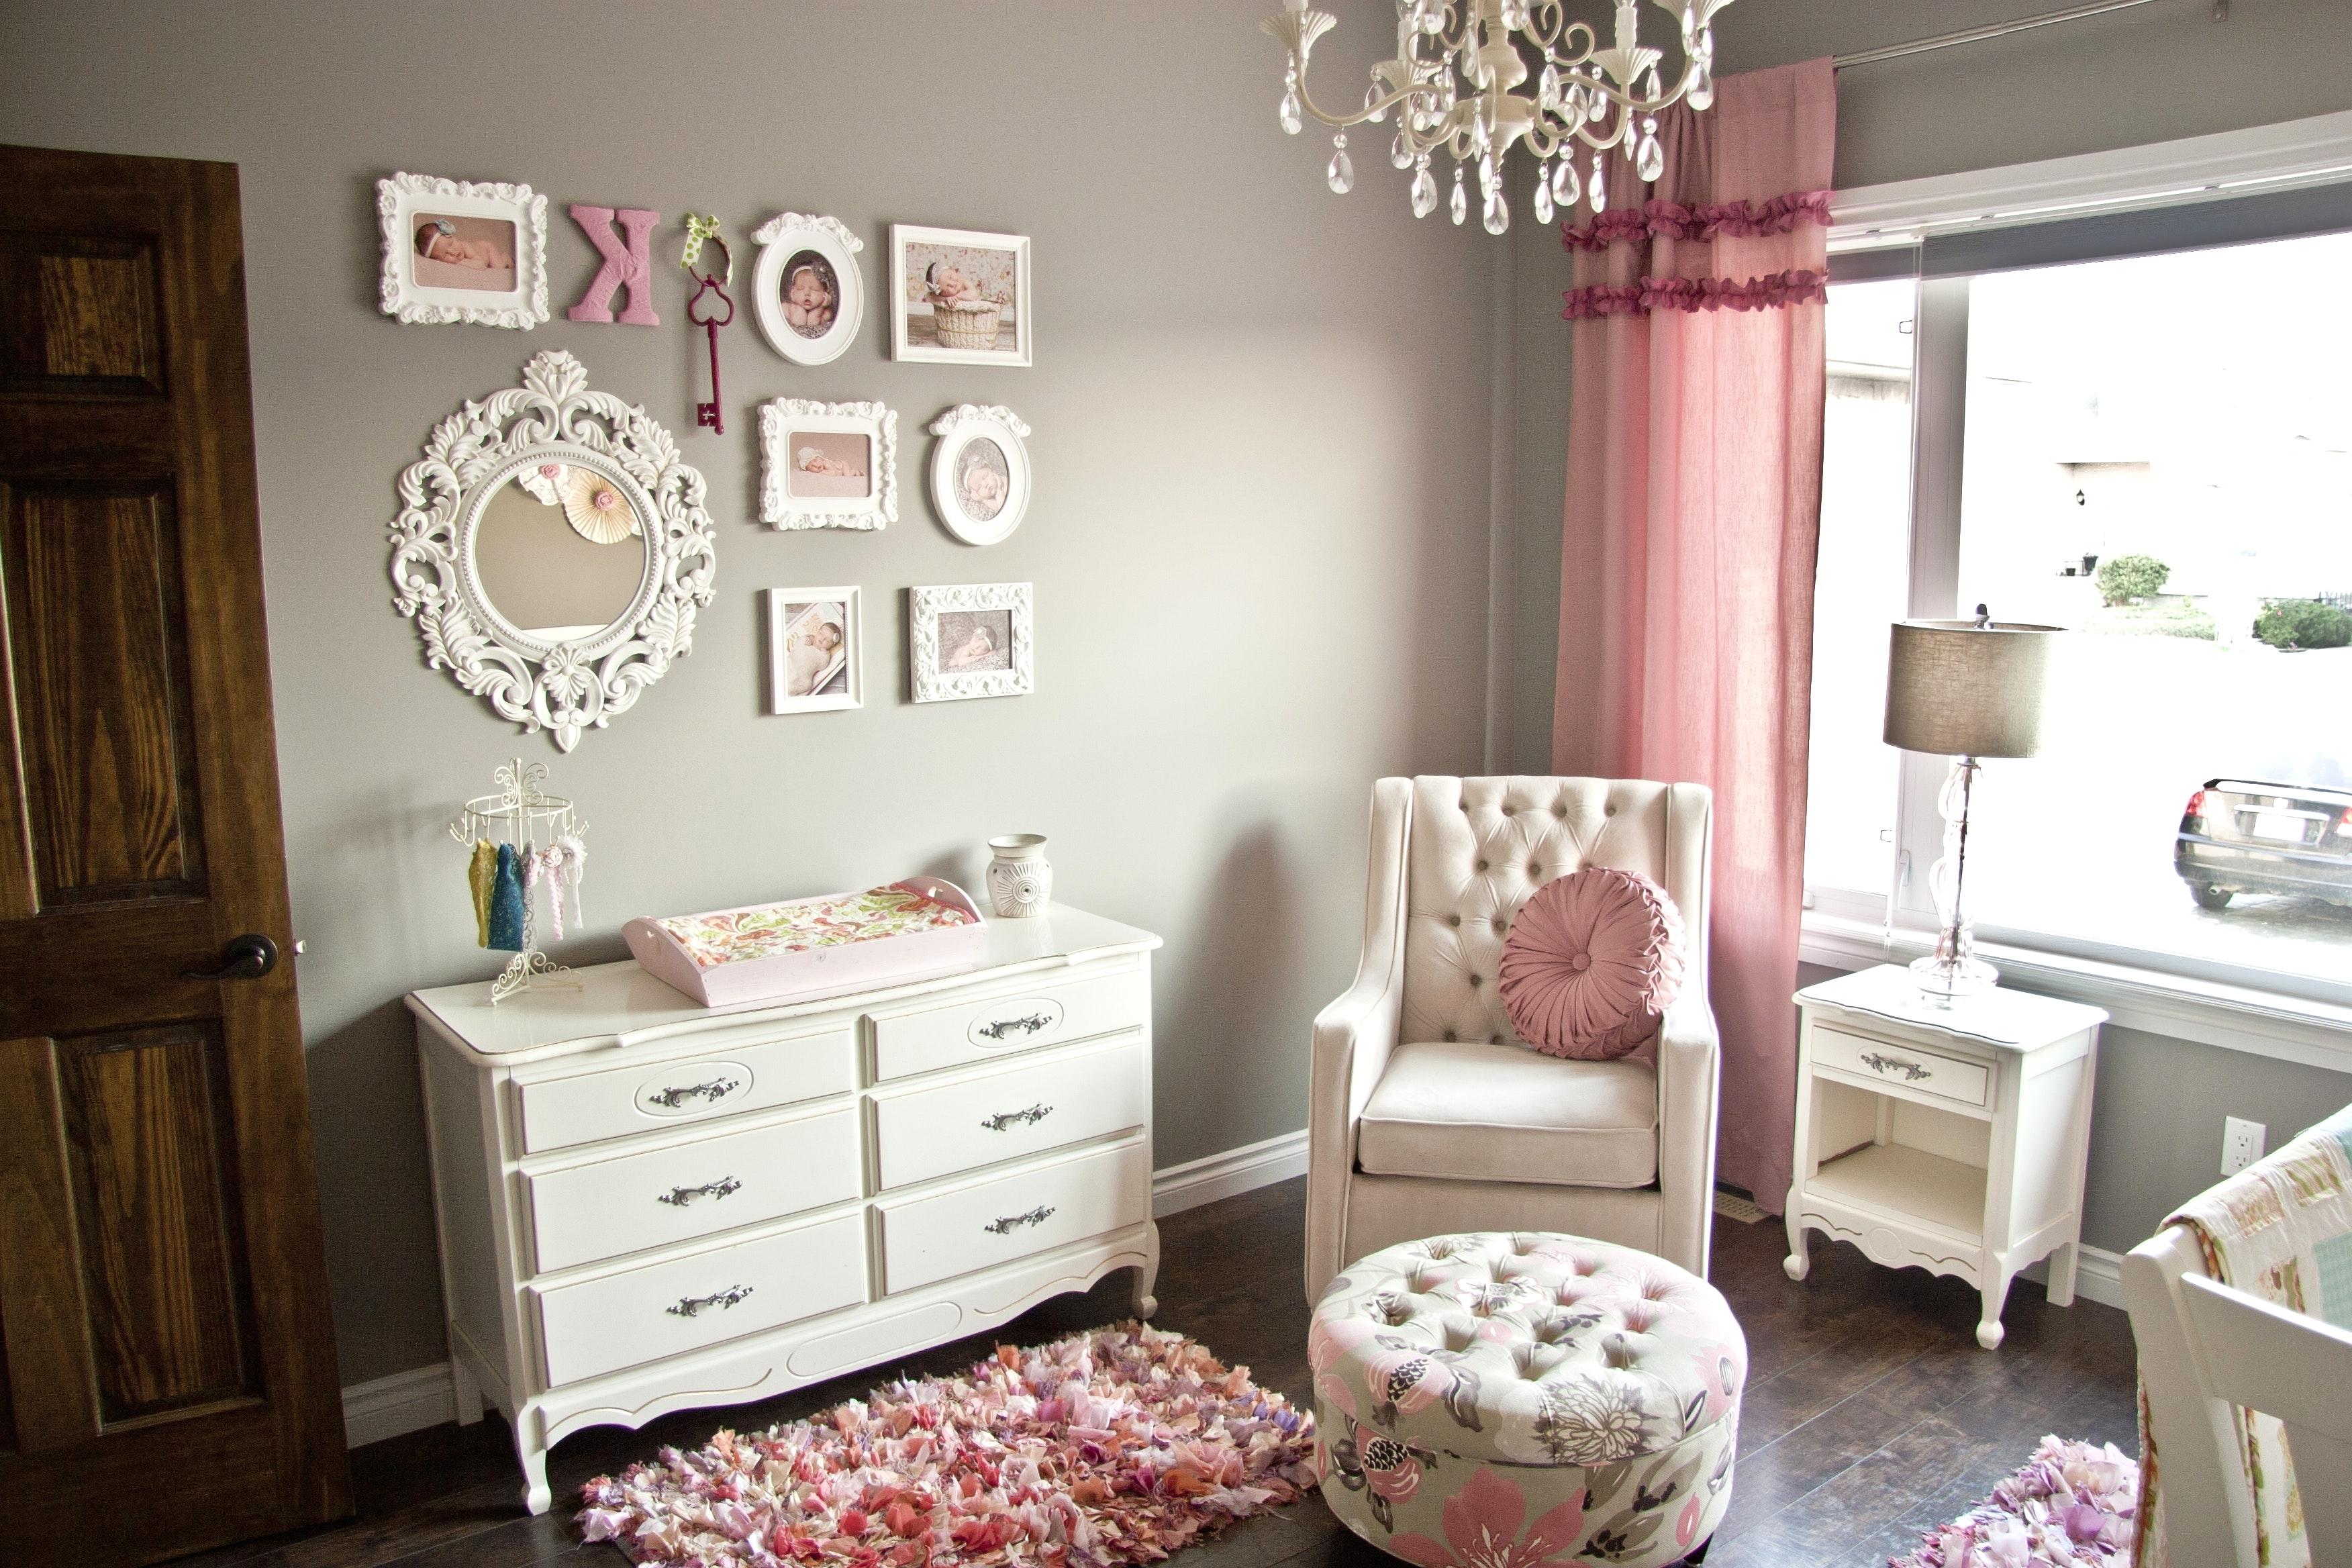 Chandeliers Design : Amazing Baby Girl Room Chandelier With Kid For Current Chandeliers For Baby Girl Room (View 10 of 20)